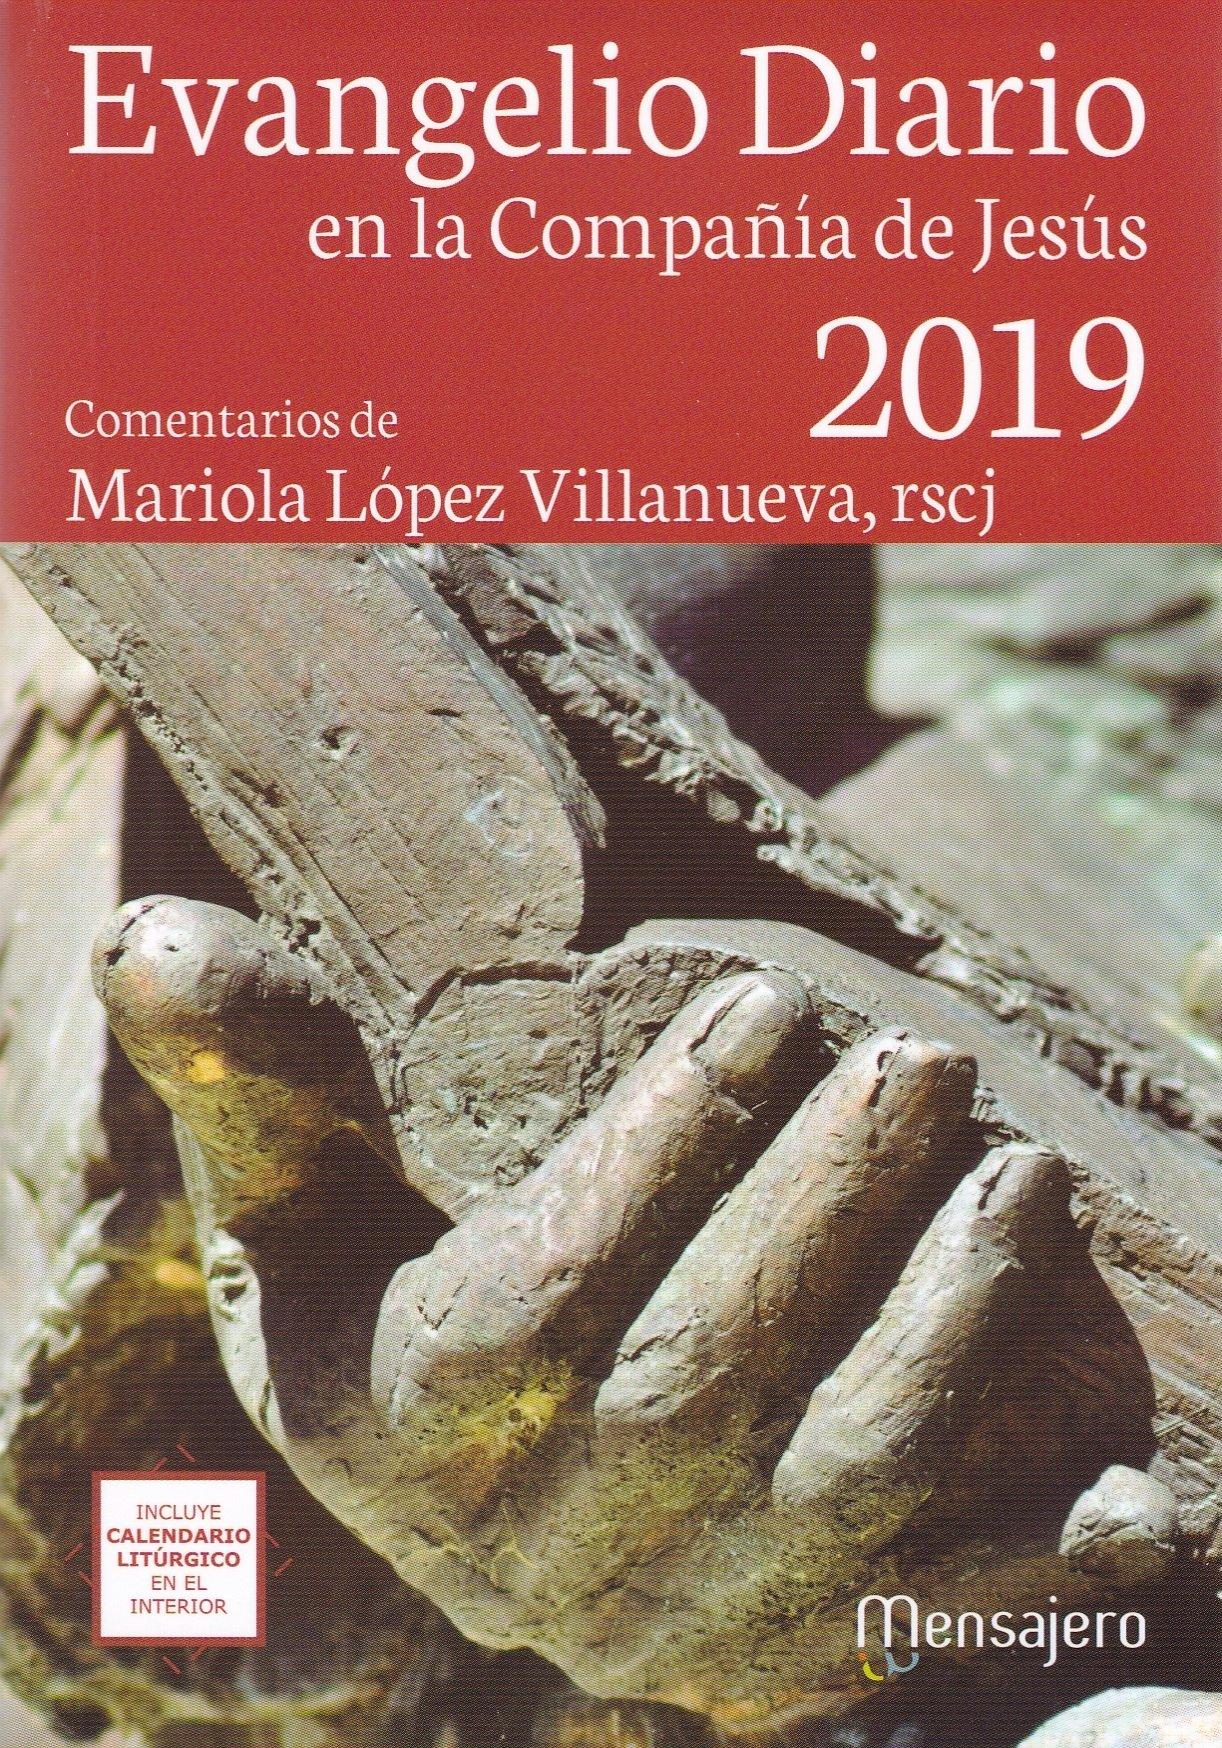 Evangelio Ddiario 2019. En la compañía de Jesús Tapa blanda – 11 sep 2018 Mariola López Villanueva Ediciones Mensajero 8427141955 HRCL